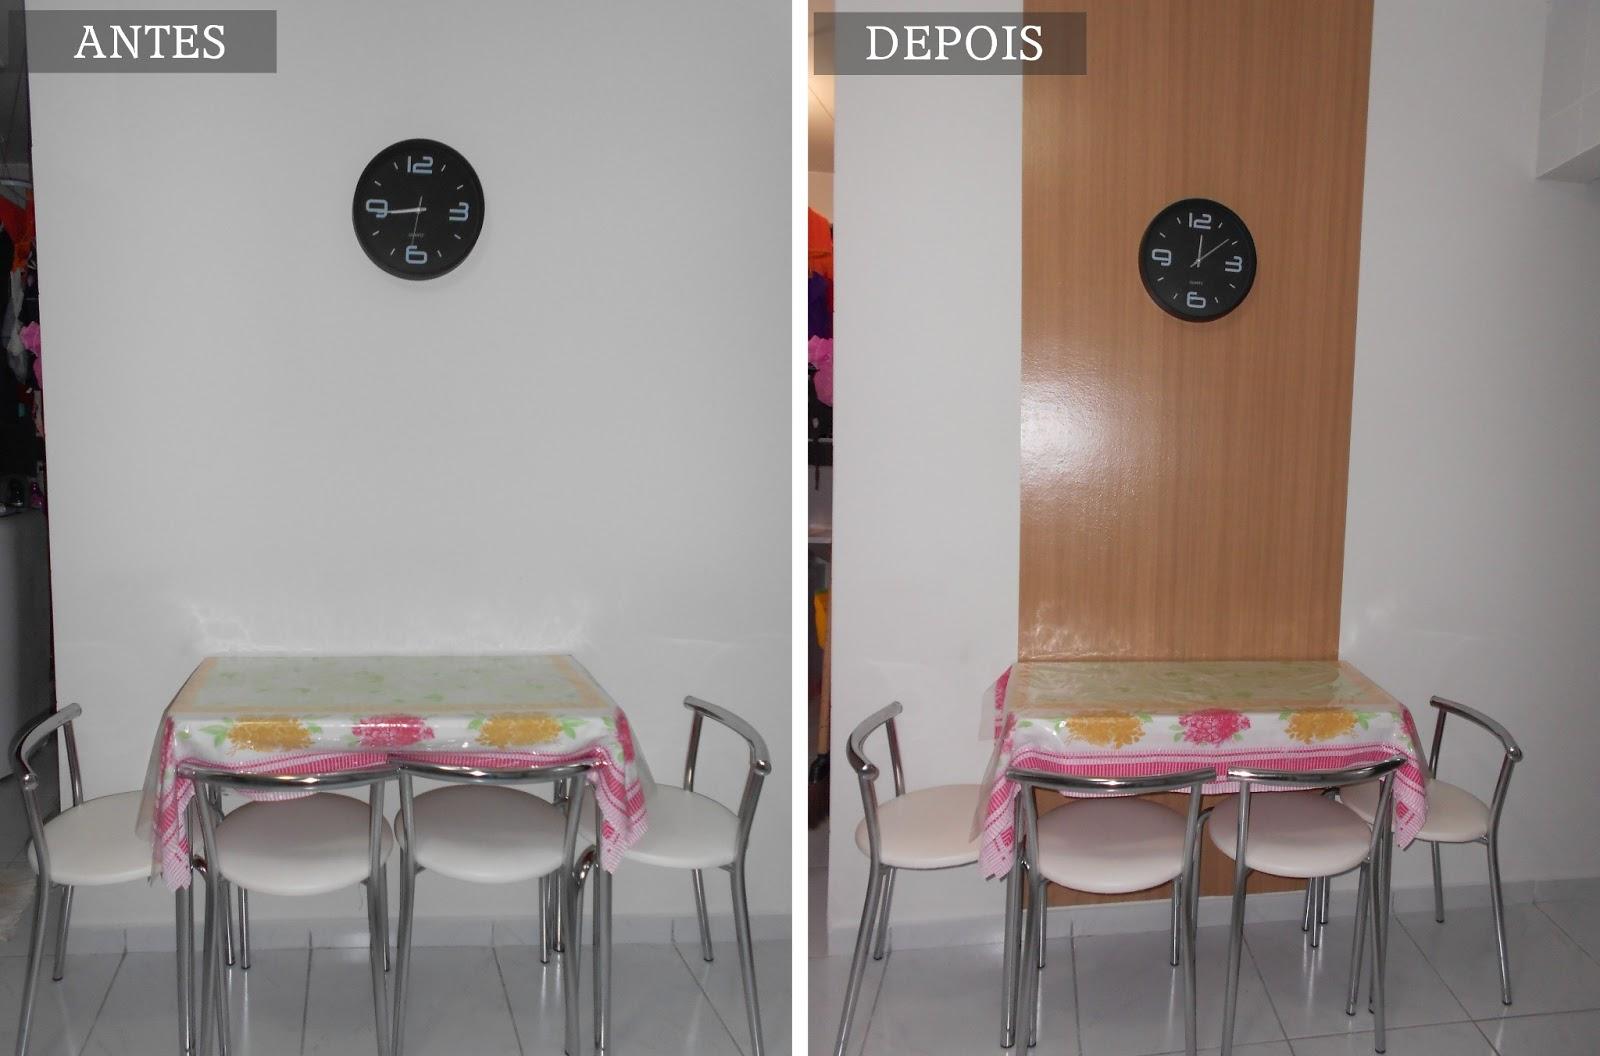 Papel Contact na parede da cozinha #8F3C56 1600x1056